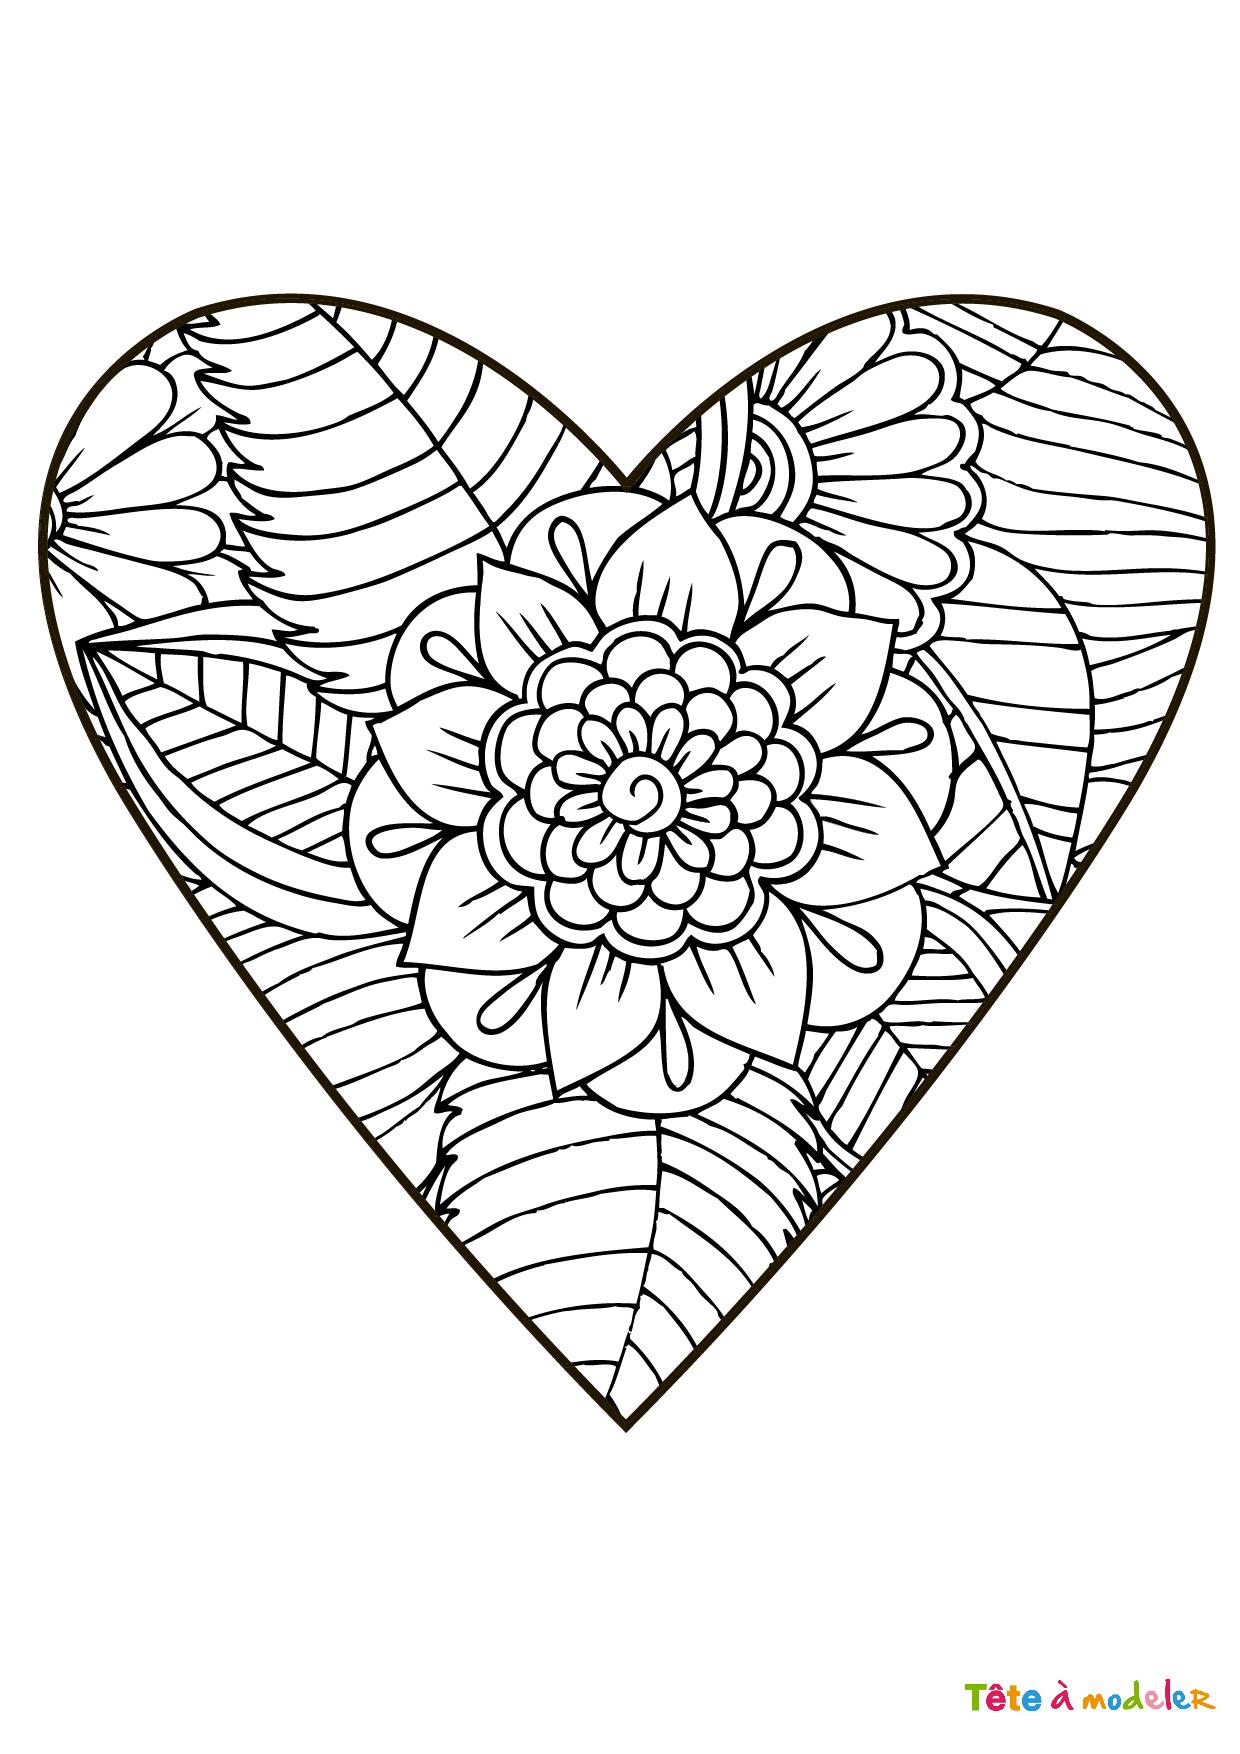 Coloriage Coeur #05 - Un Coloriage De Tête À Modeler serapportantà Dessin A Imprimer Coeur